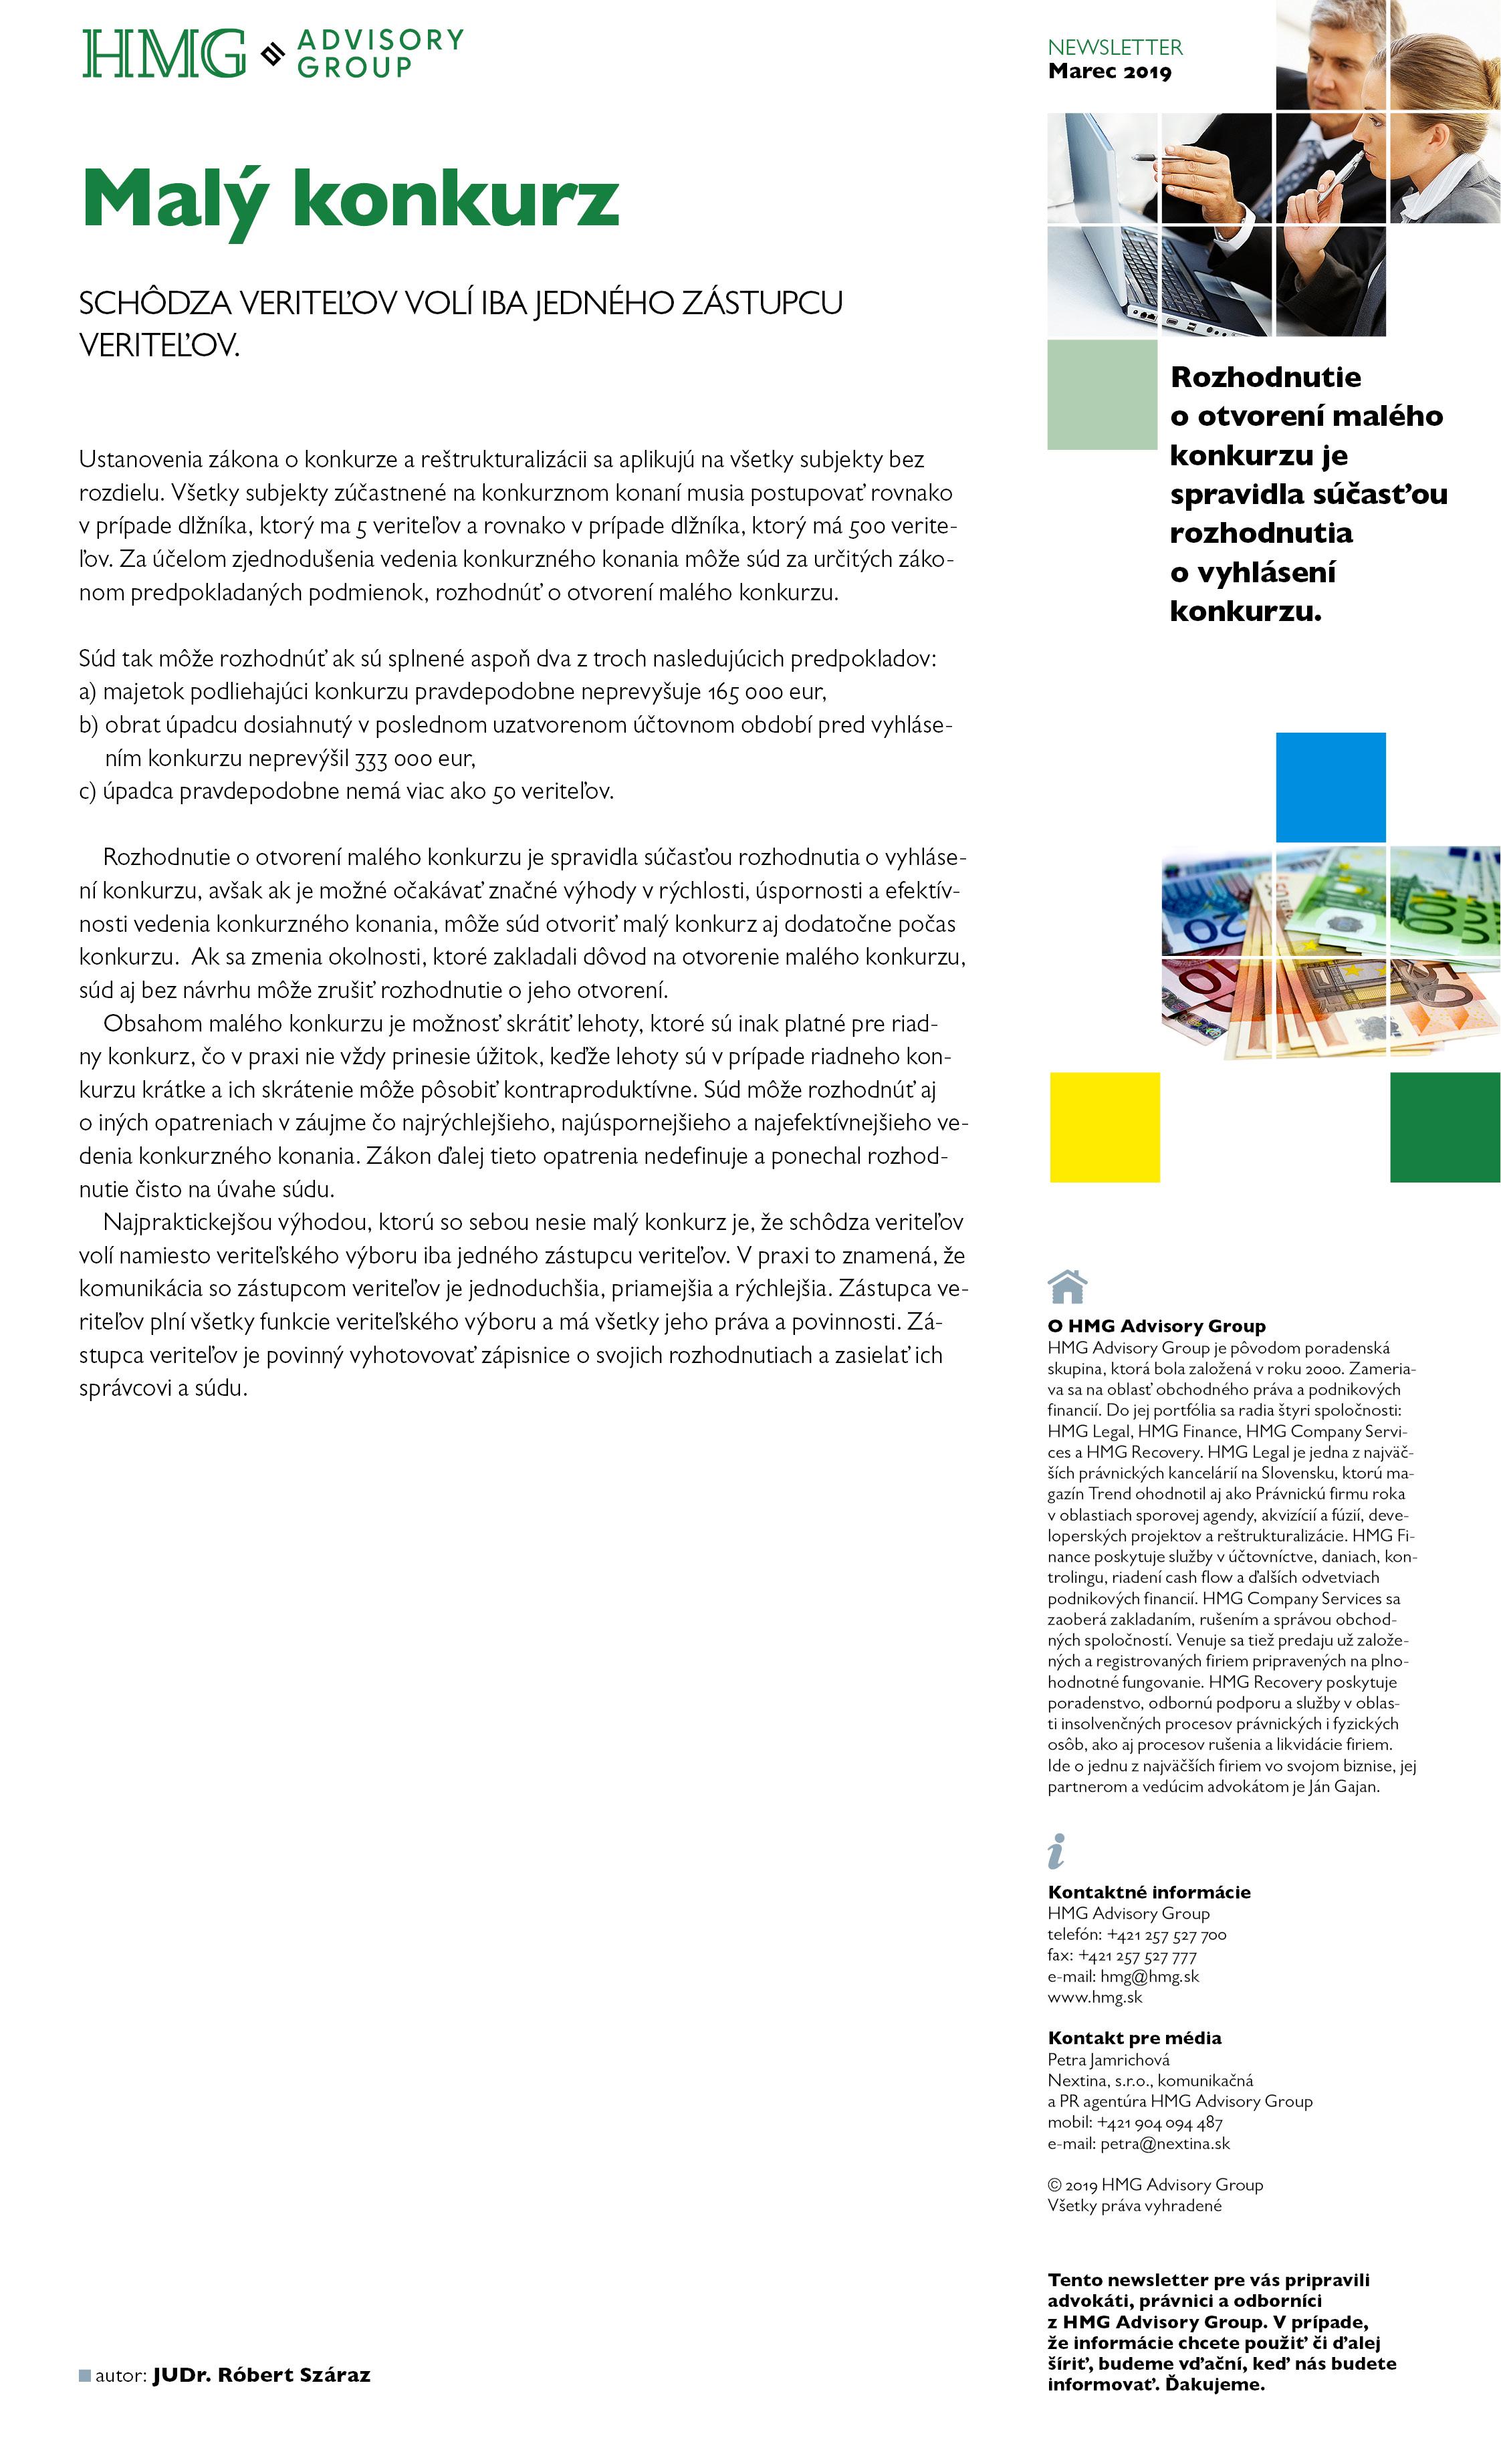 HMG_newsletter_Maly konkurz.jpg